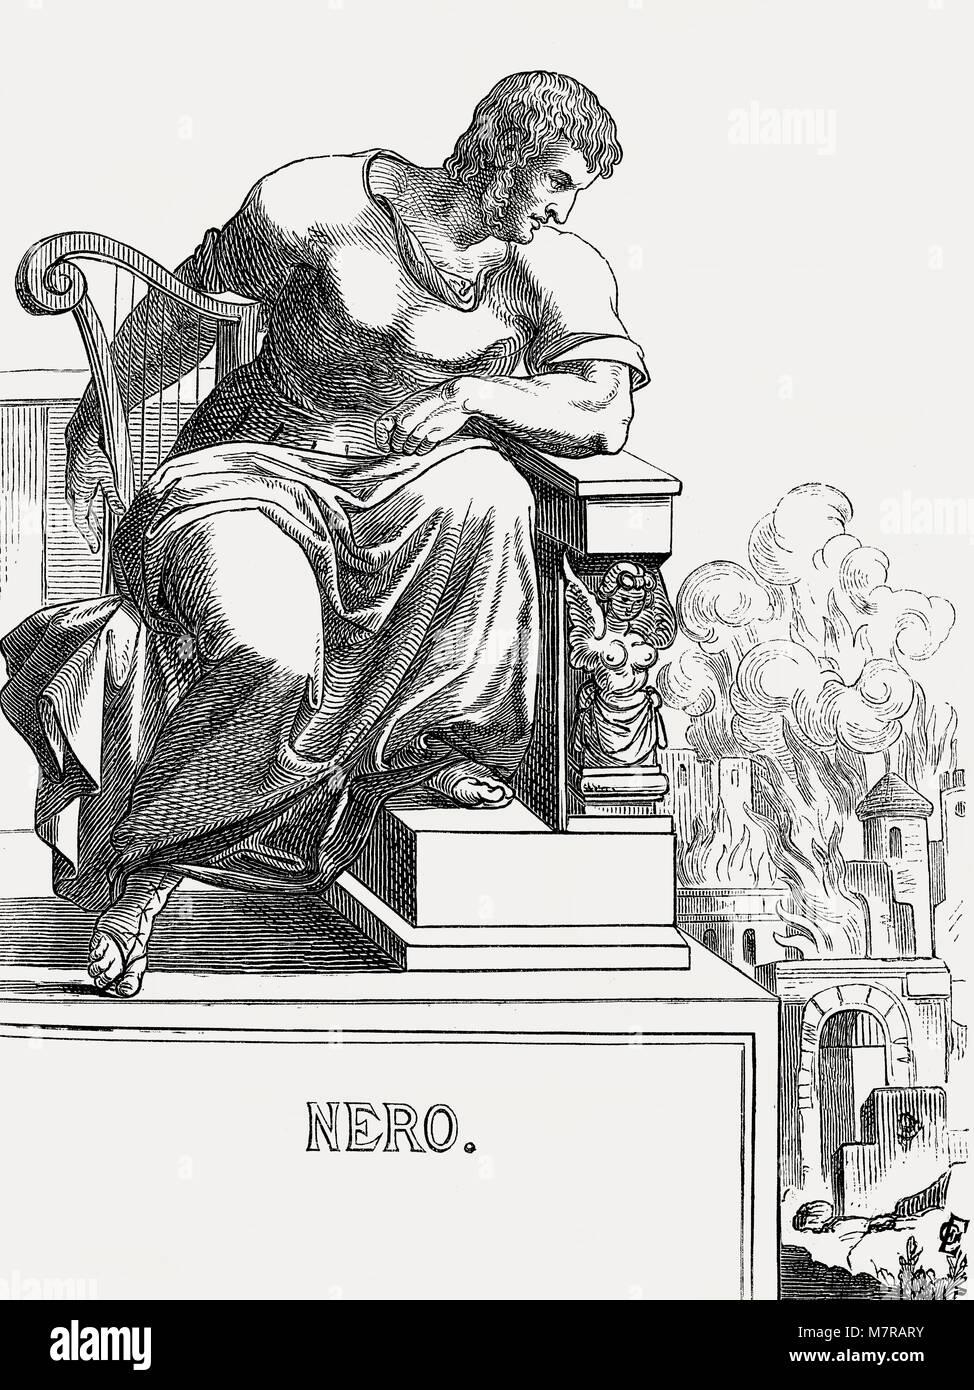 Nero or Nero Claudius Caesar Augustus Germanicus, 37 - 68, Roman Emperor from 54 to 68 - Stock Image